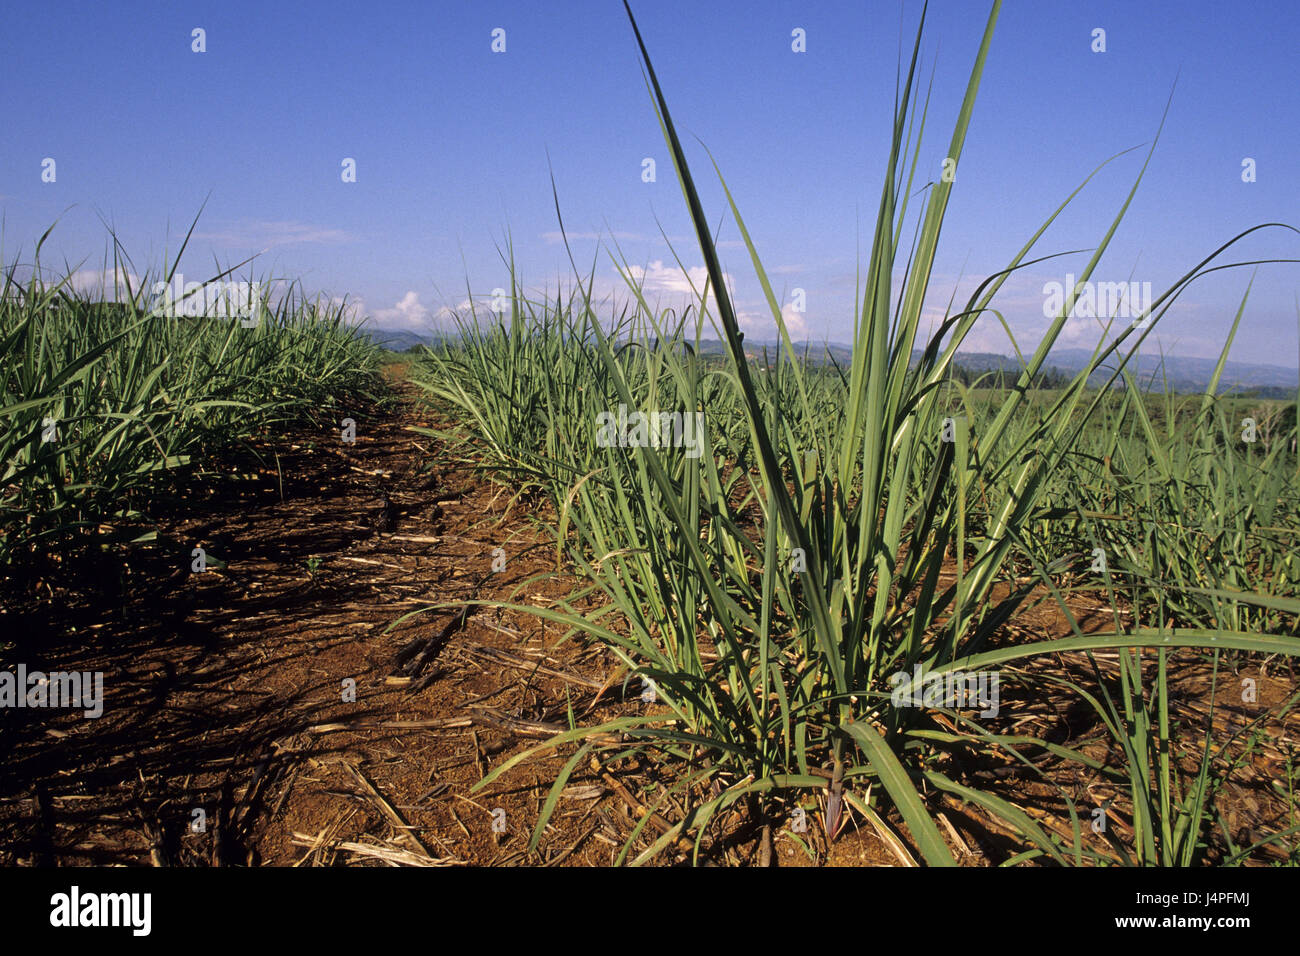 Costa Rica, San Isidro de tablespoons general, sugarcane plantation, - Stock Image